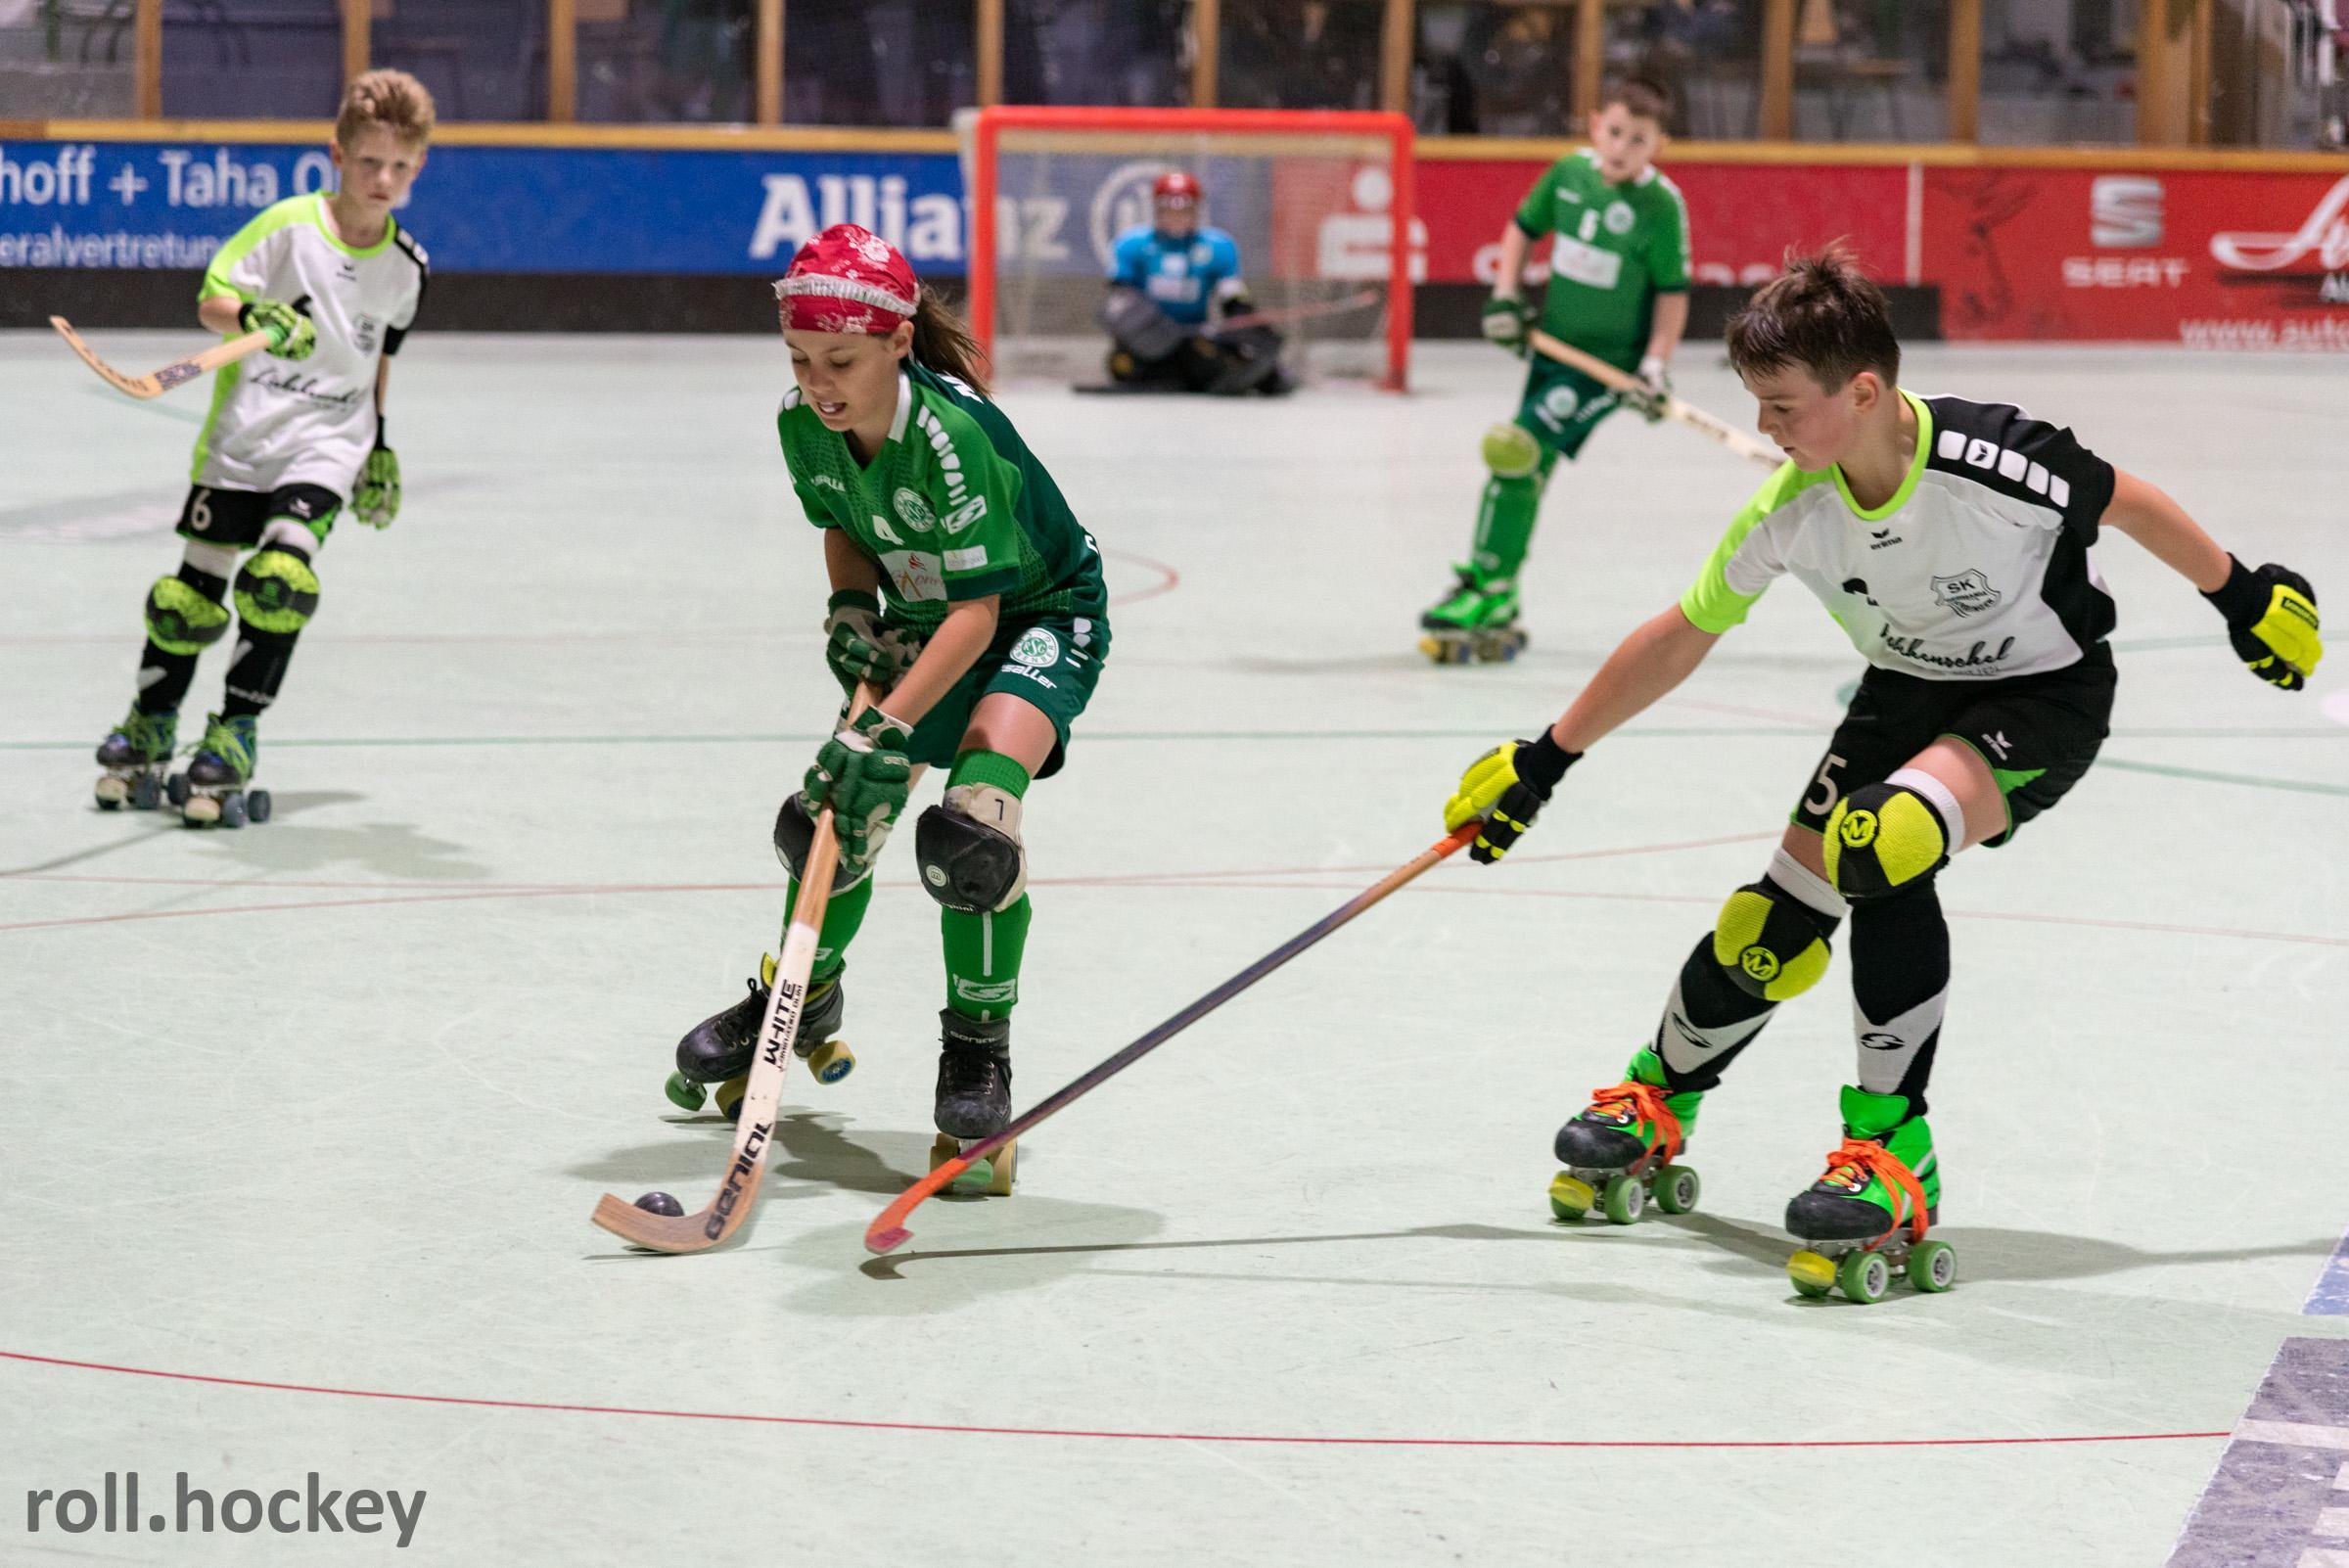 RSC Cronenberg Rollhockey Spieltag U13 08.12.2019